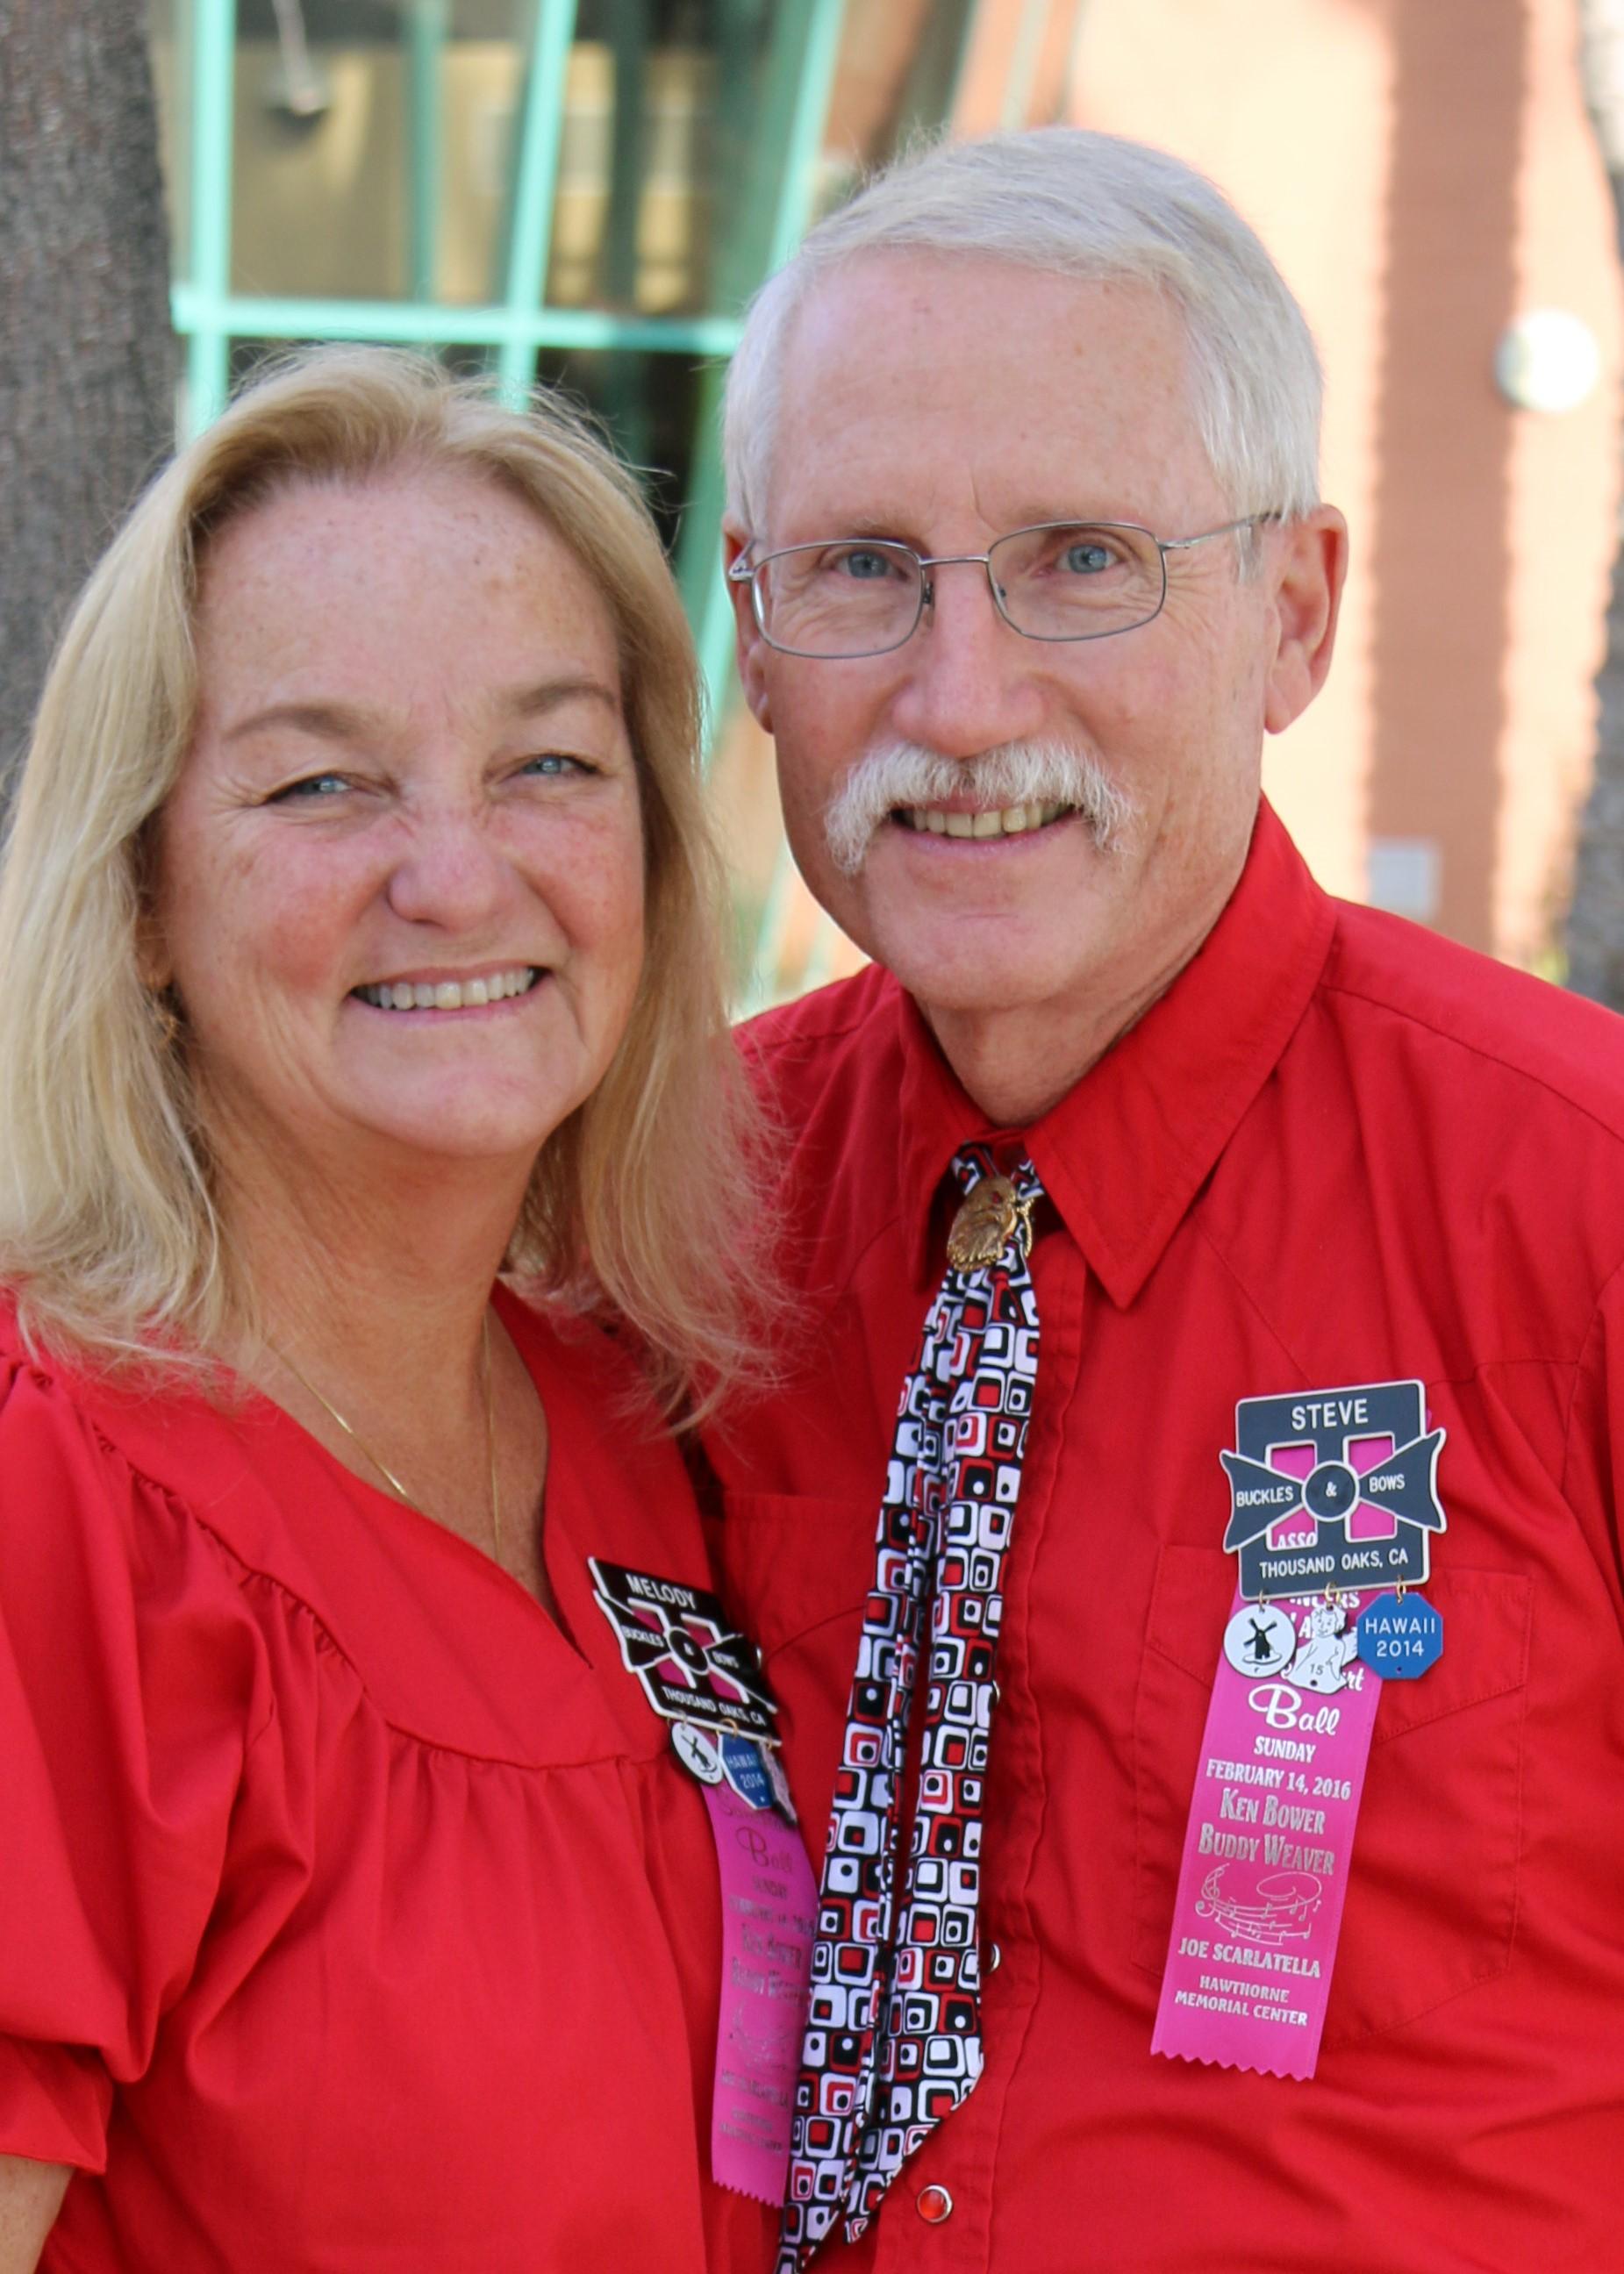 Steve and Melody Buczynski -